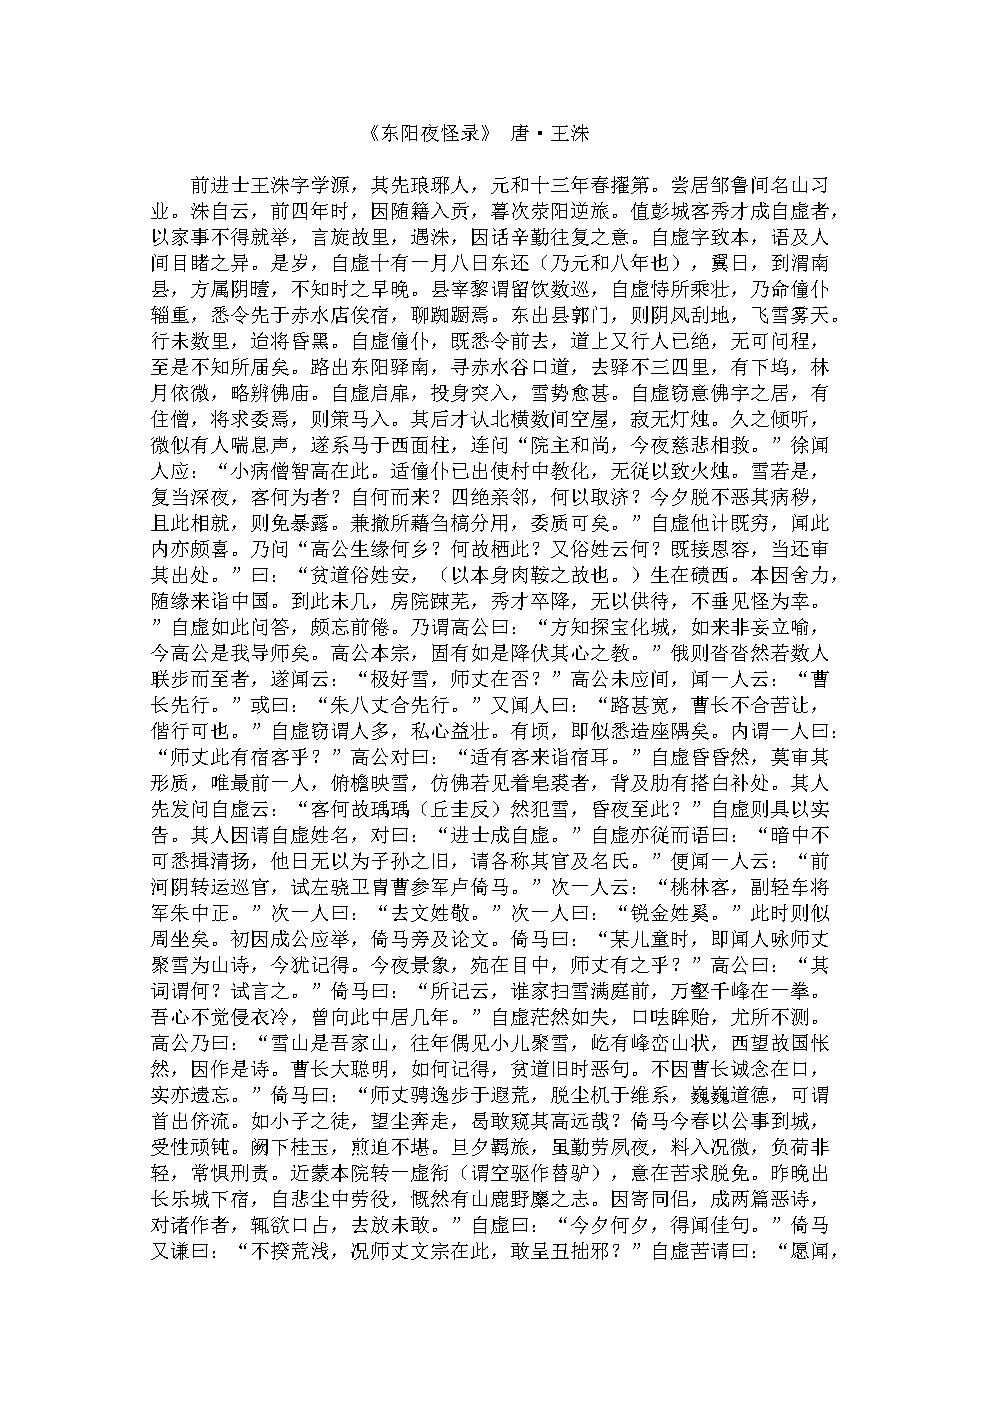 025《东阳夜怪录》 唐•王洙.doc